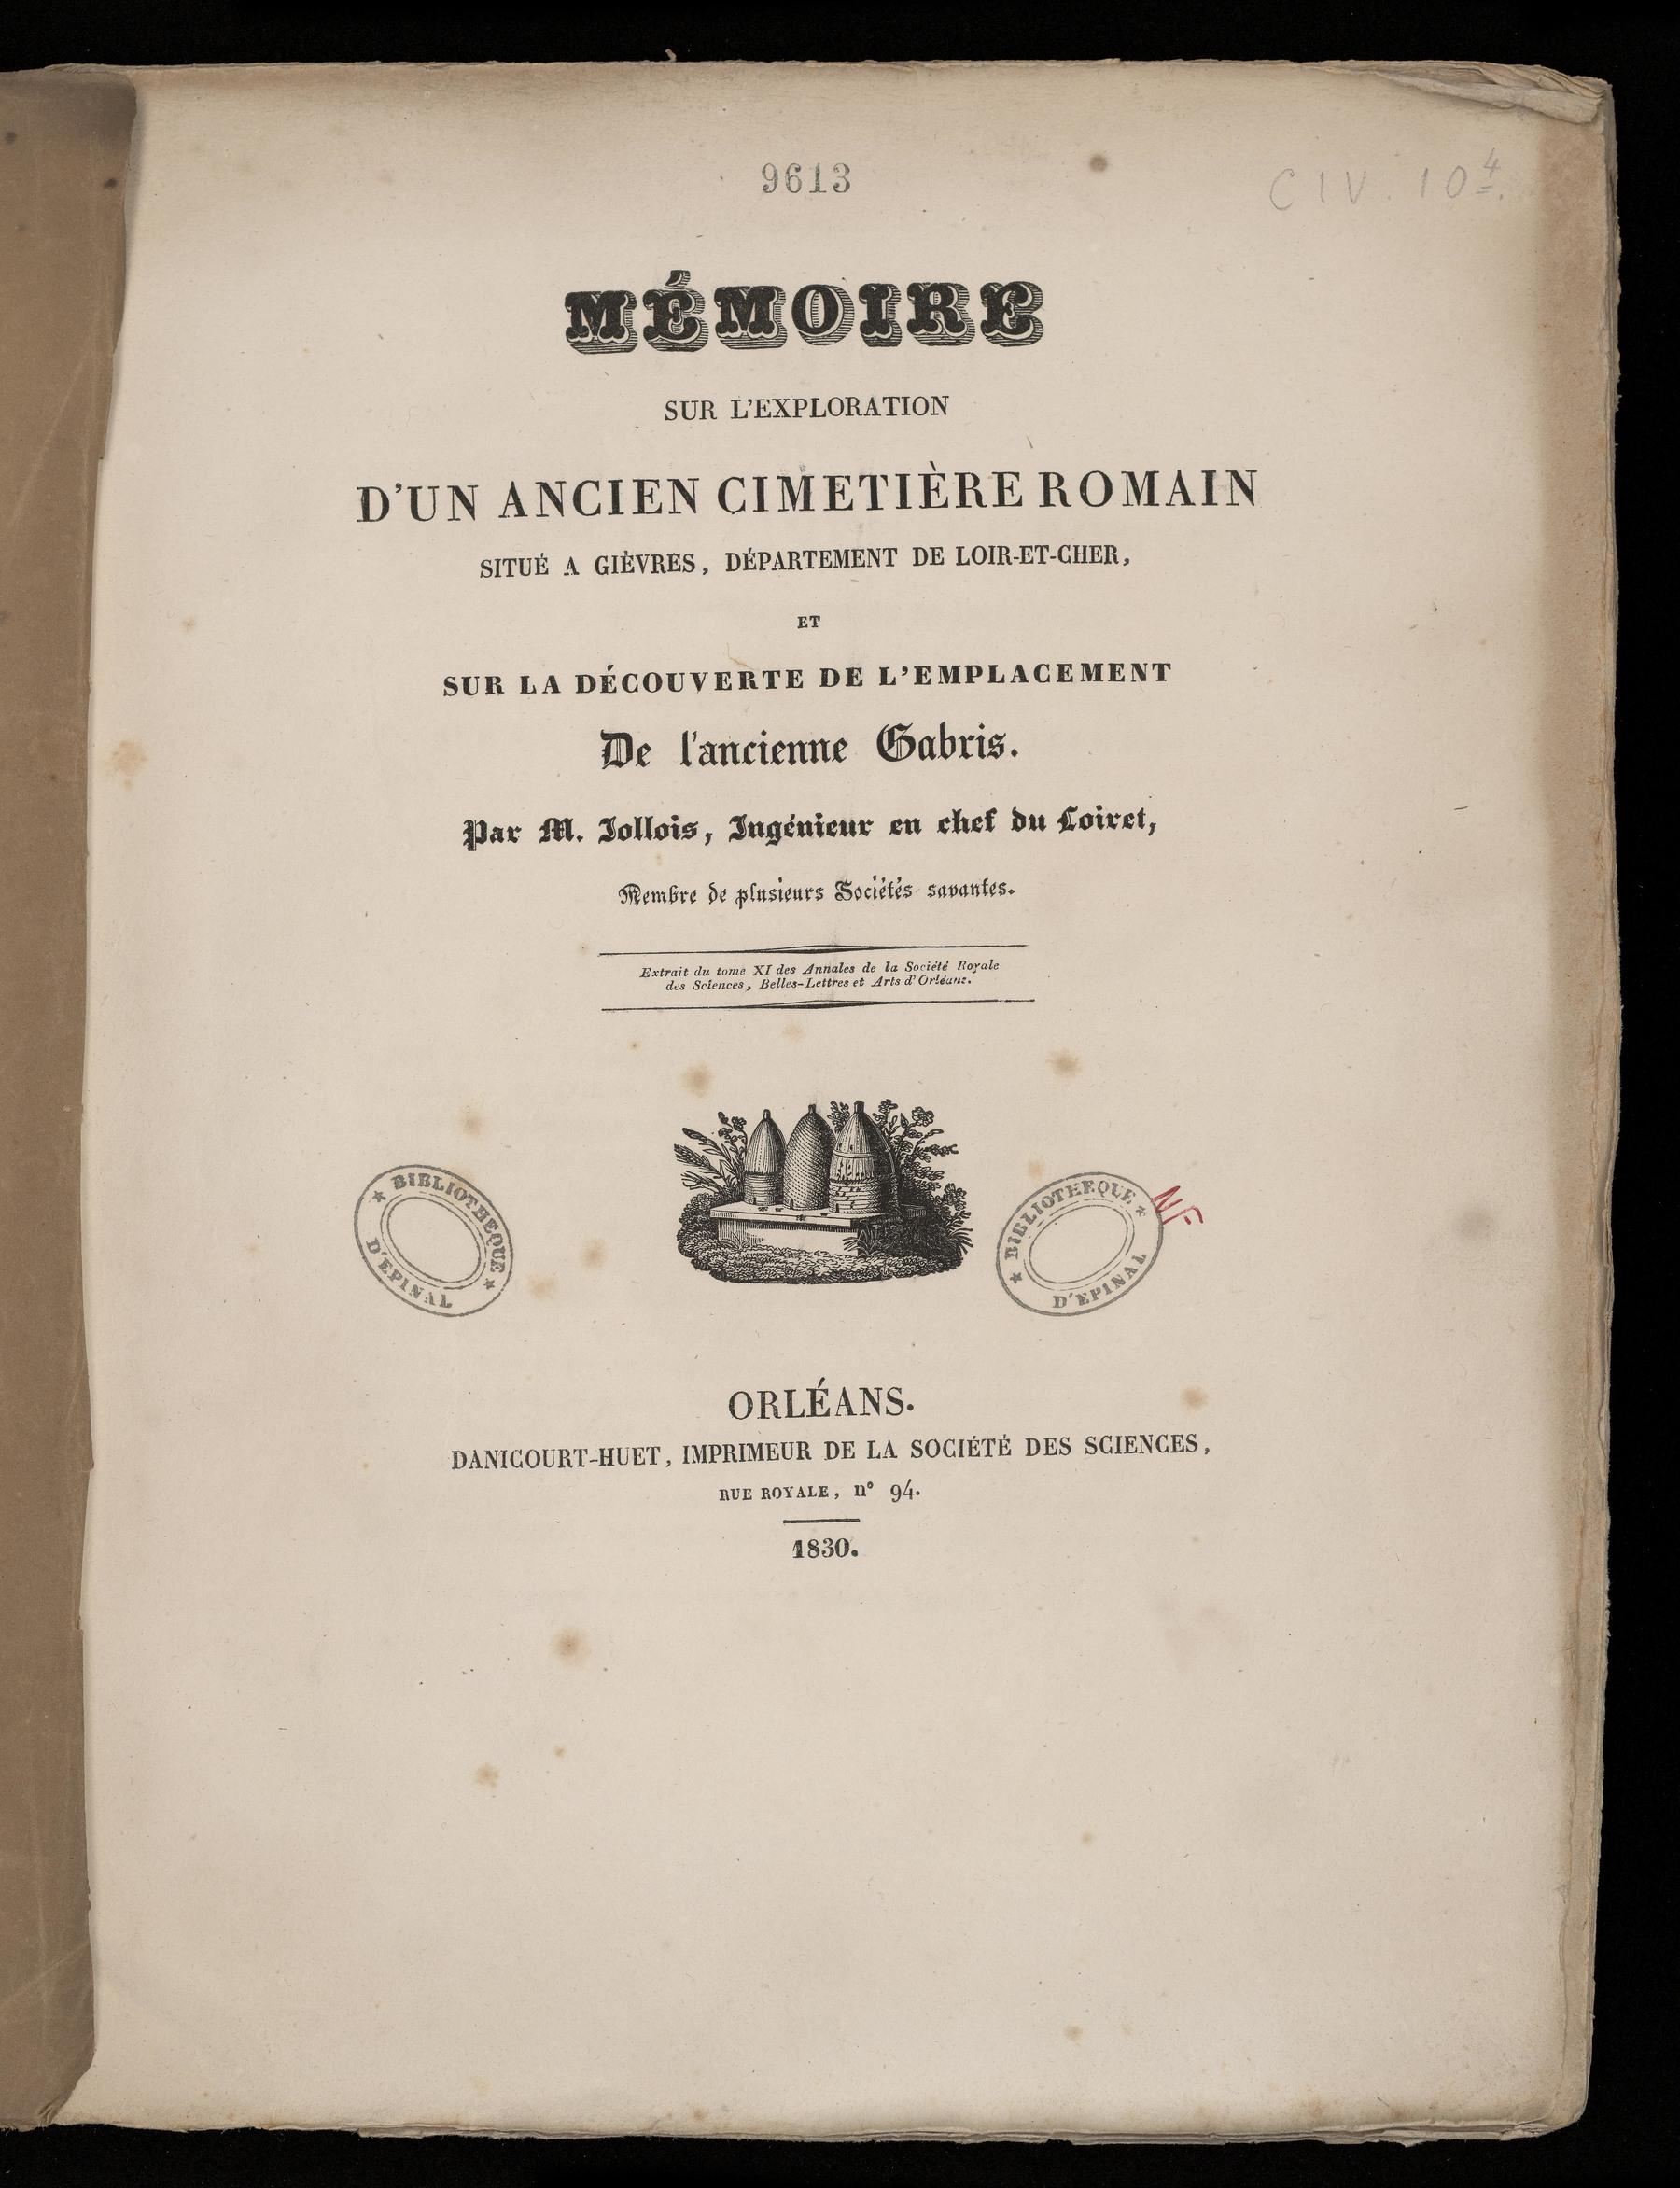 Contenu du Mémoire sur l'exploration d'un ancien cimetière romain situé à Gièvres, département de Loir-et-Cher, et sur la découverte de l'emplacement de l'ancienne Gabris